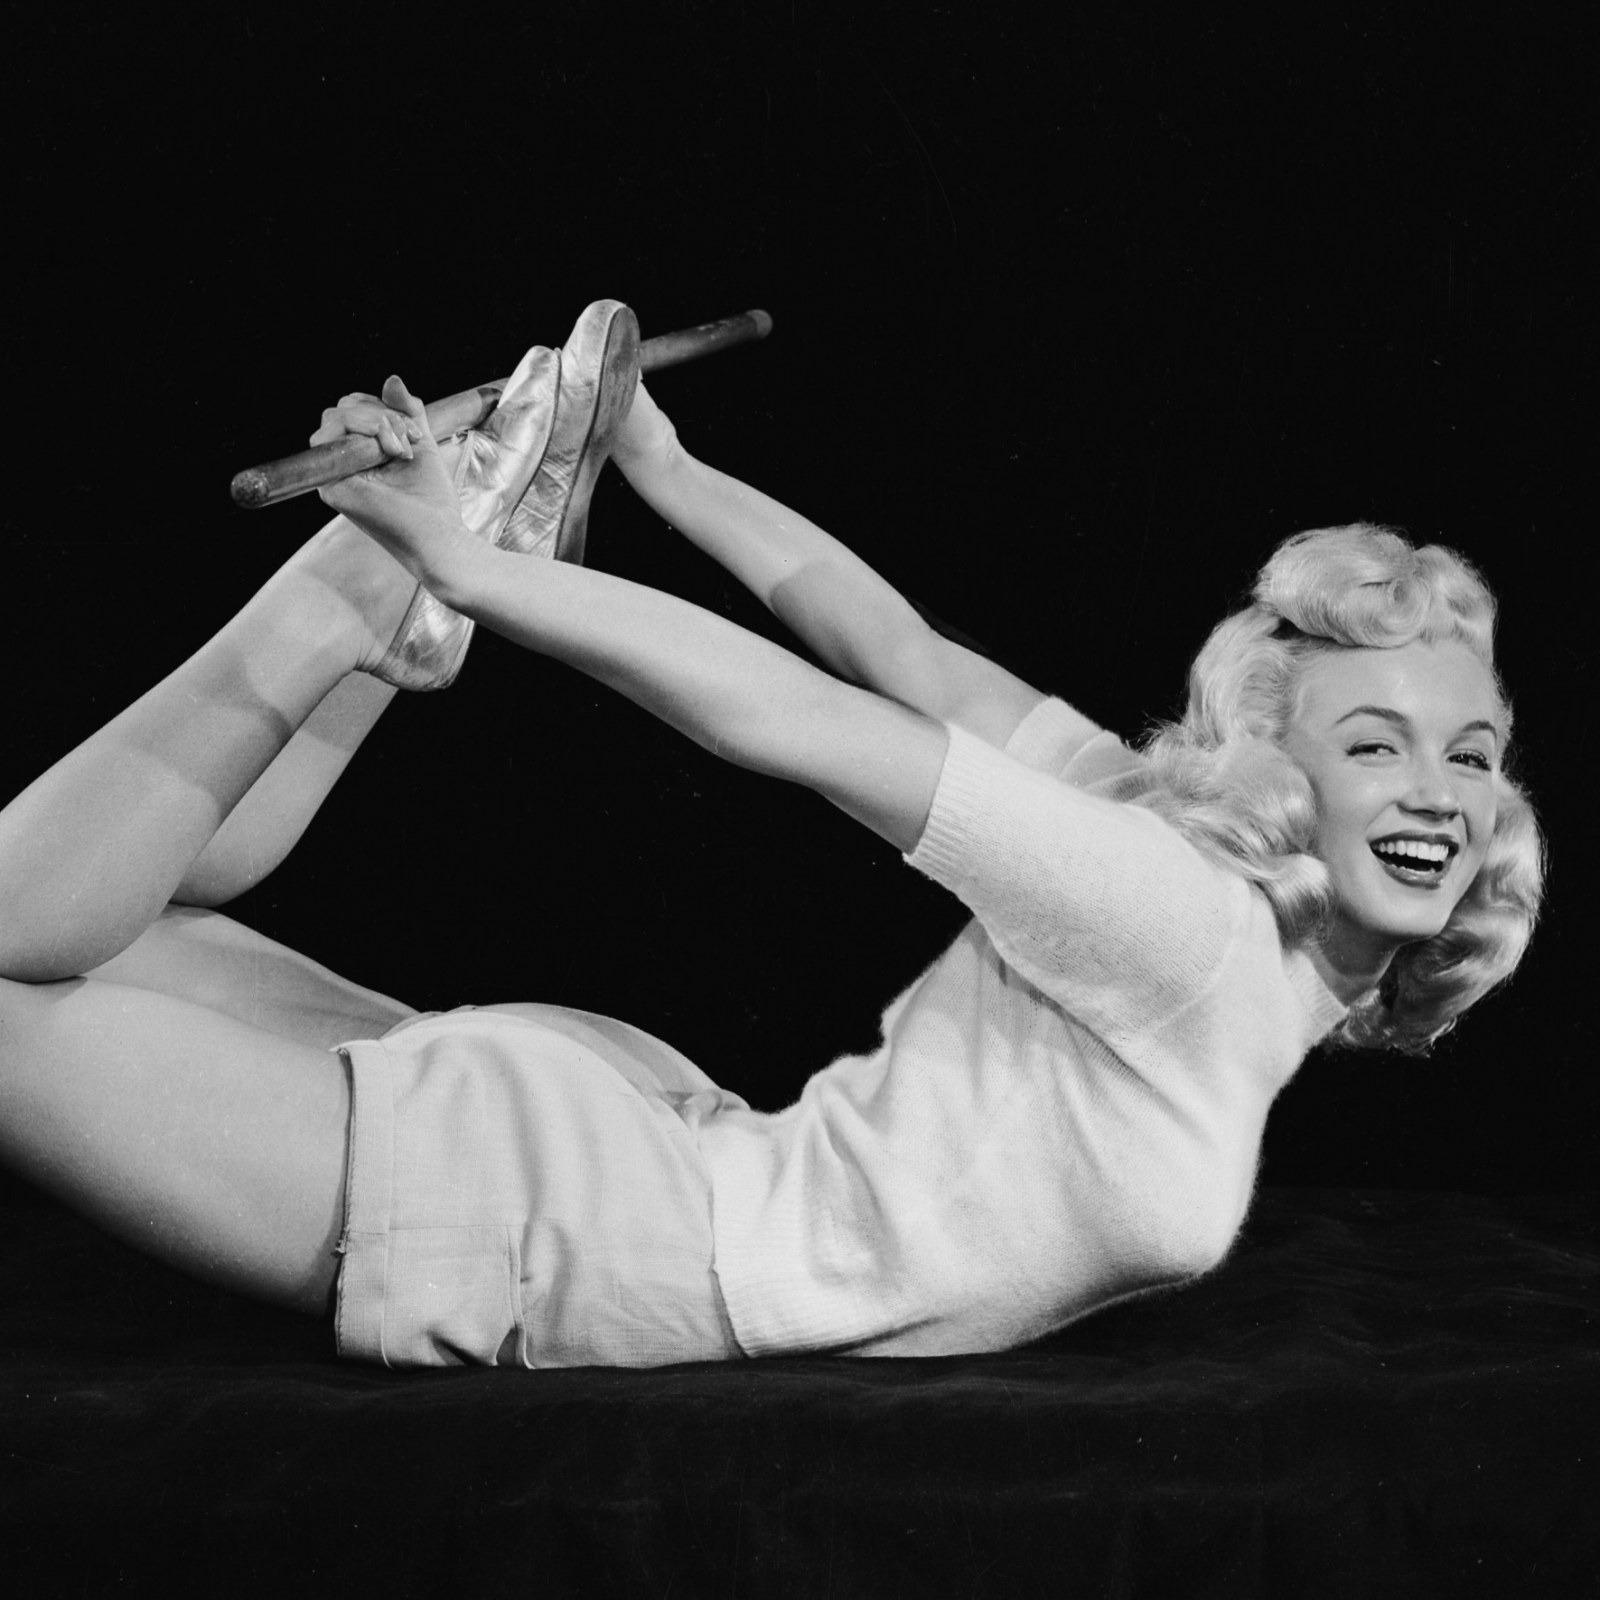 Phong cách thời trang và style làm đẹp của Marilyn Monroe đến nay vẫn là nguồn cảm hứng của phái đẹp trên toàn thế giới bao gồm cả các minh tinh thời nay.